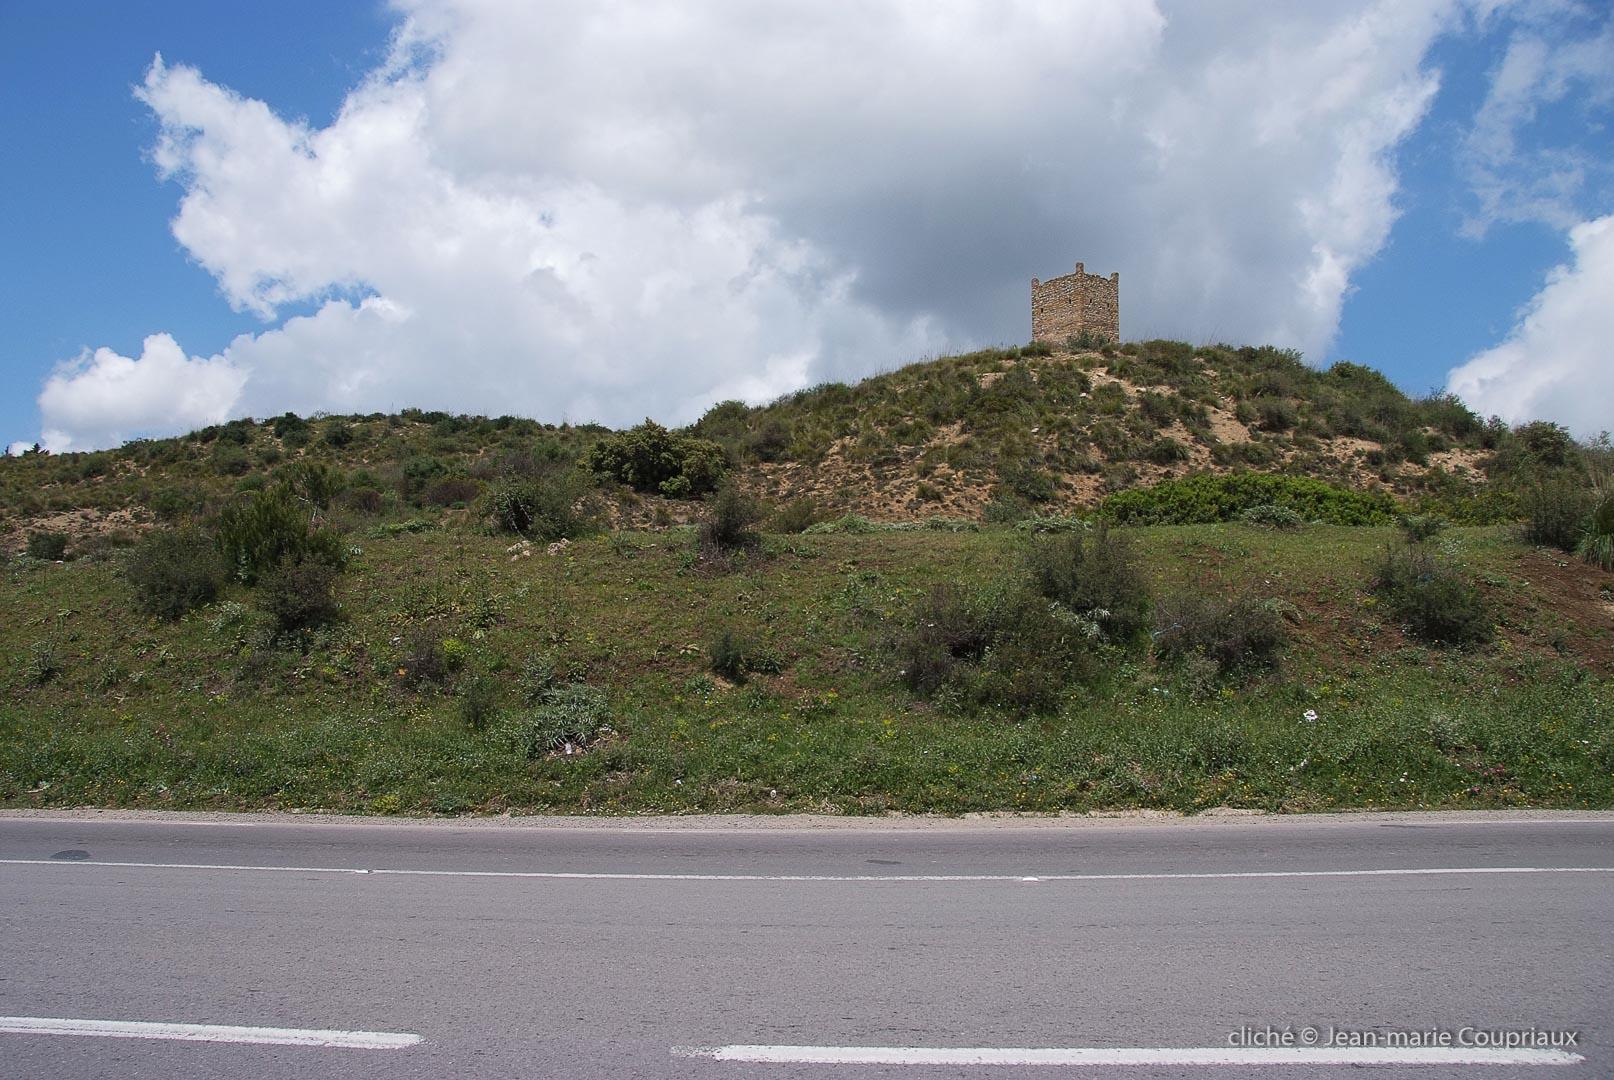 802-2011_Algerie-259